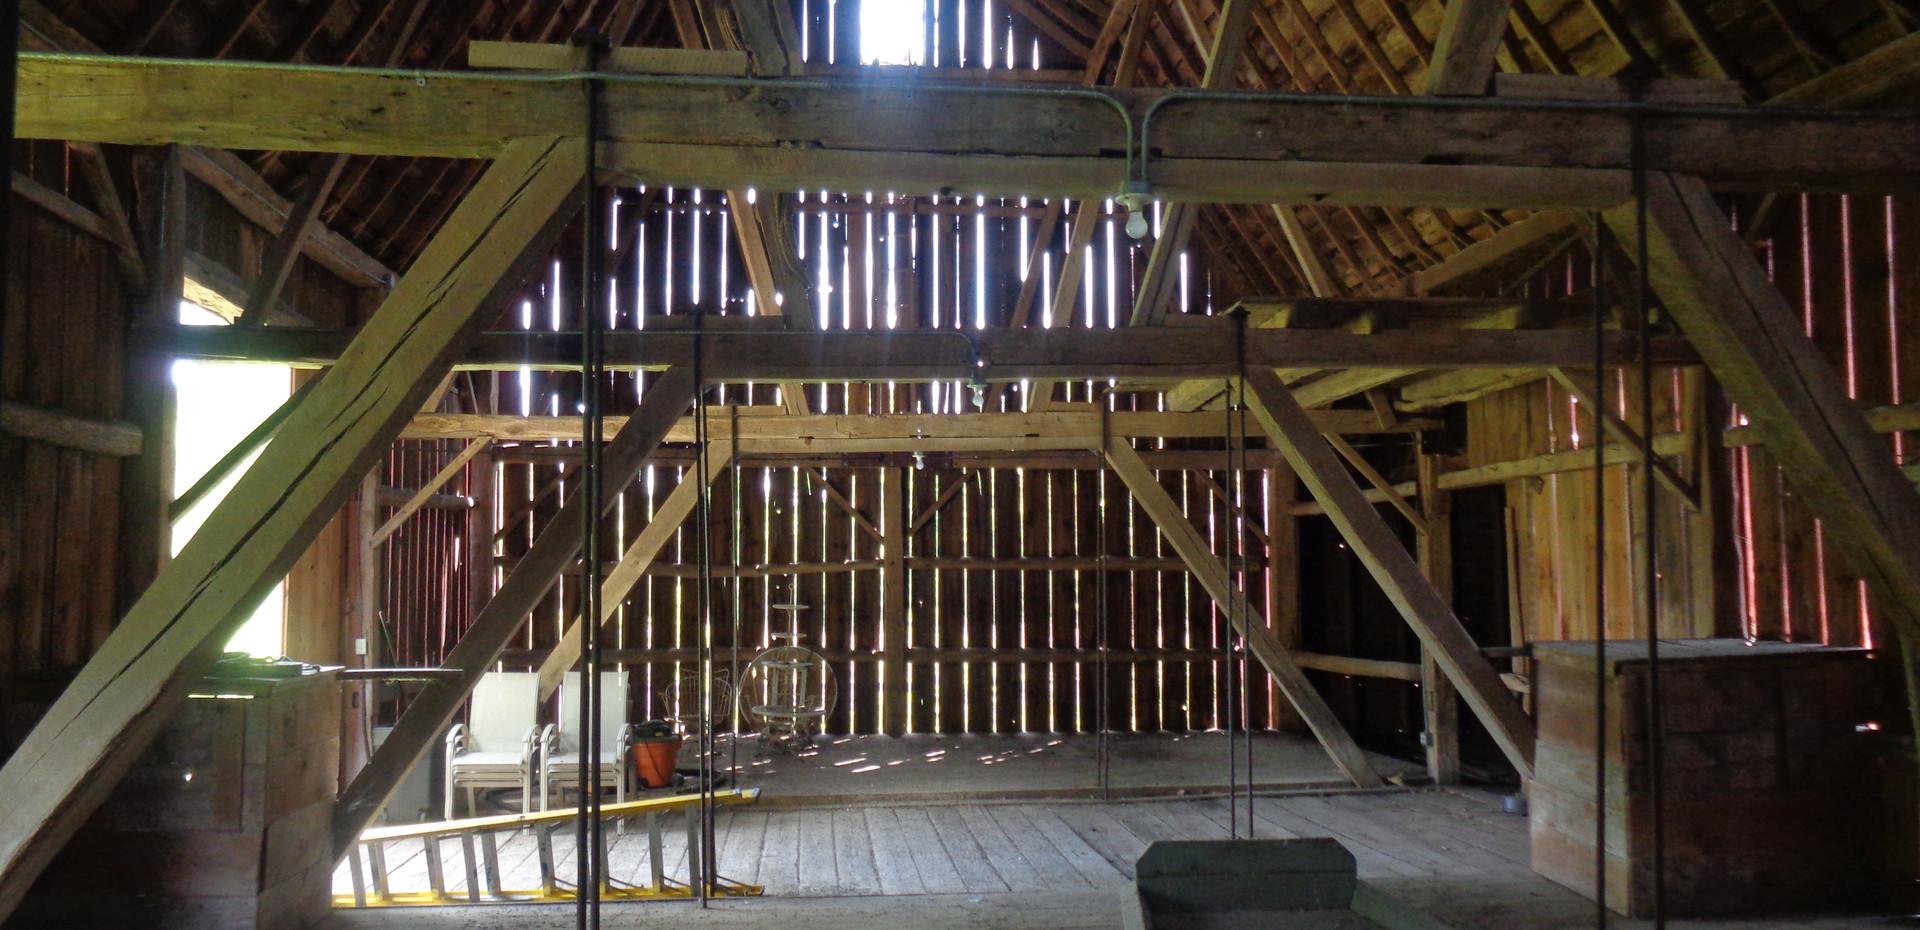 15 - Main Barn Main level full view.JPG